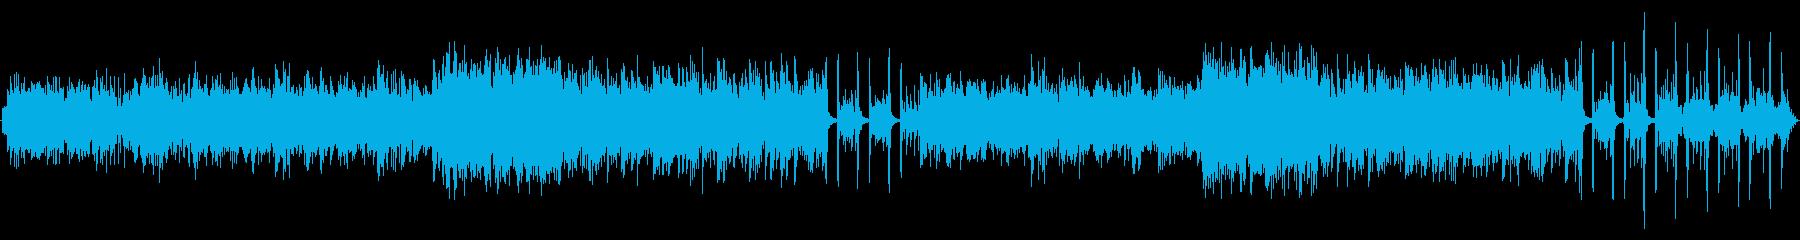 雨の日をイメージしたボサノバナンバーの再生済みの波形